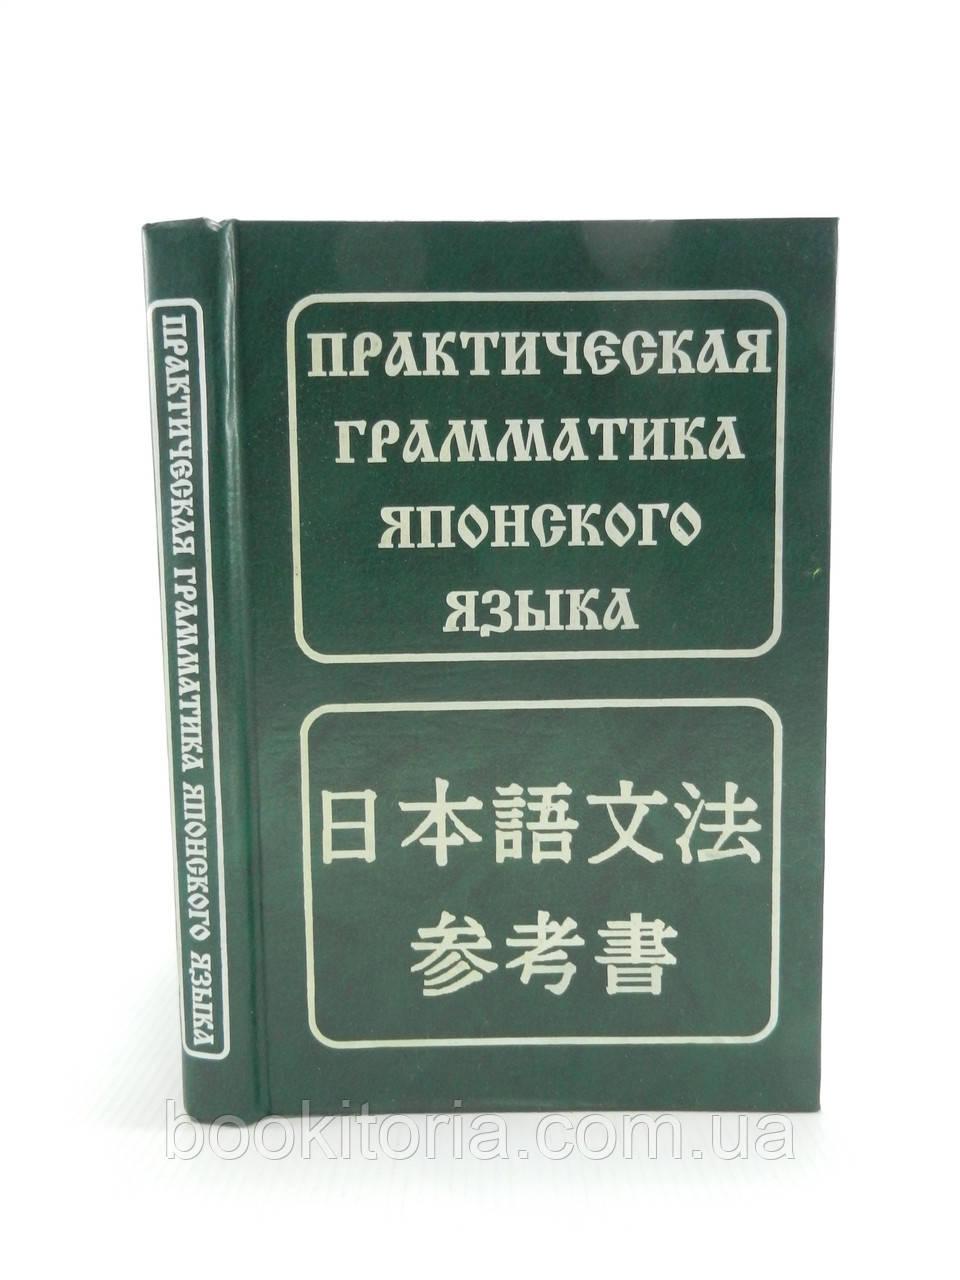 Лаврентьев Б. Практическая грамматика японского языка (б/у).